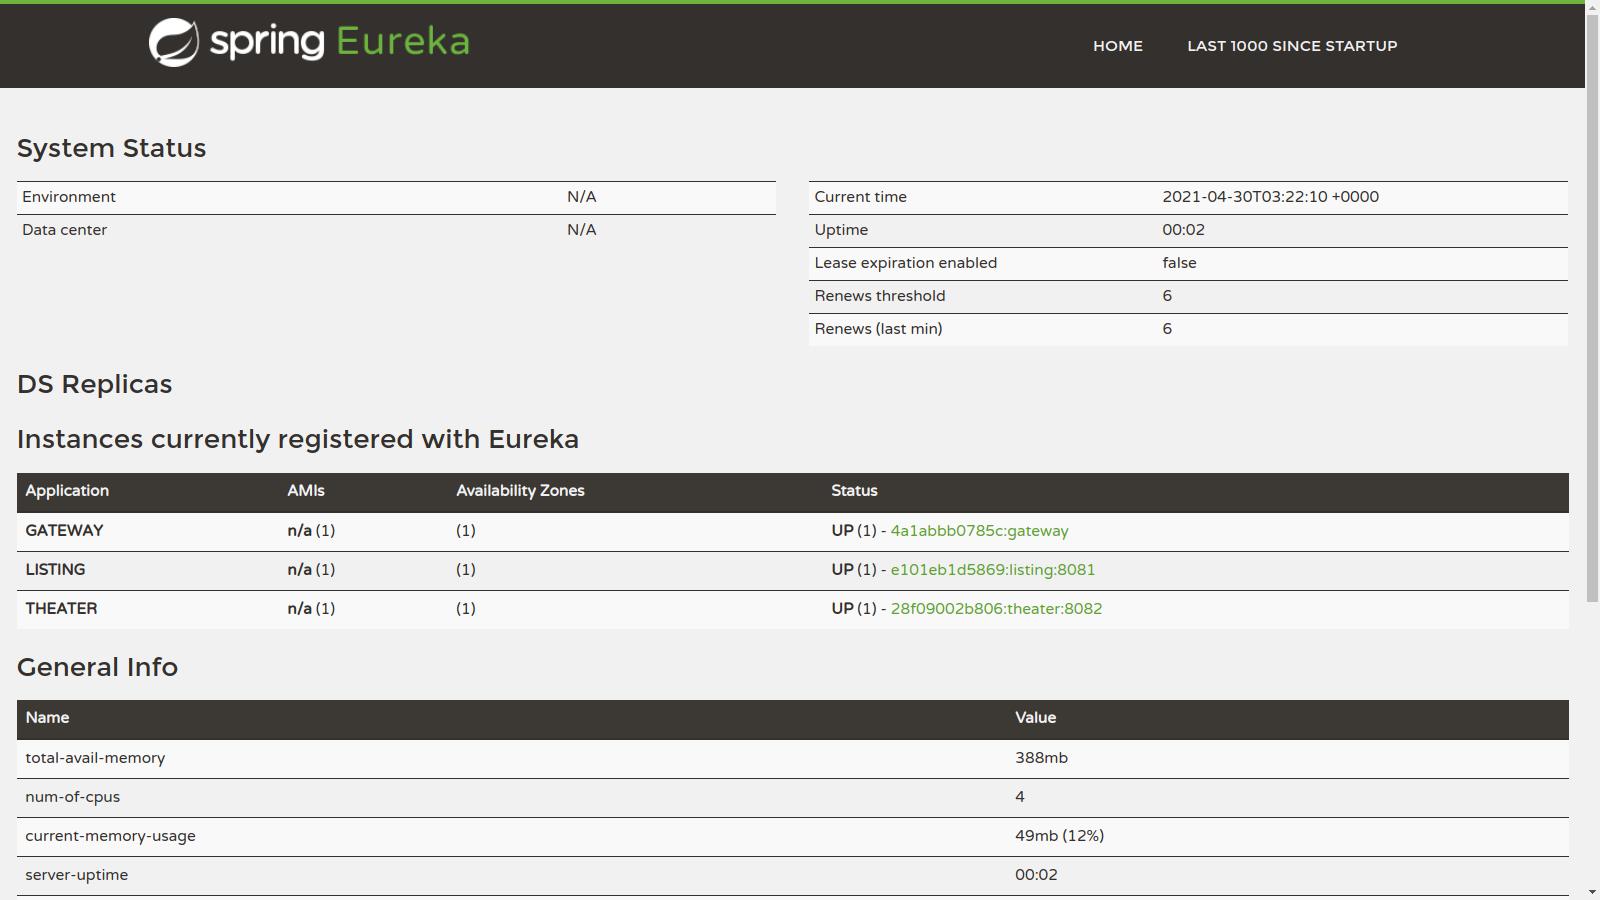 Eureka Instances Registered